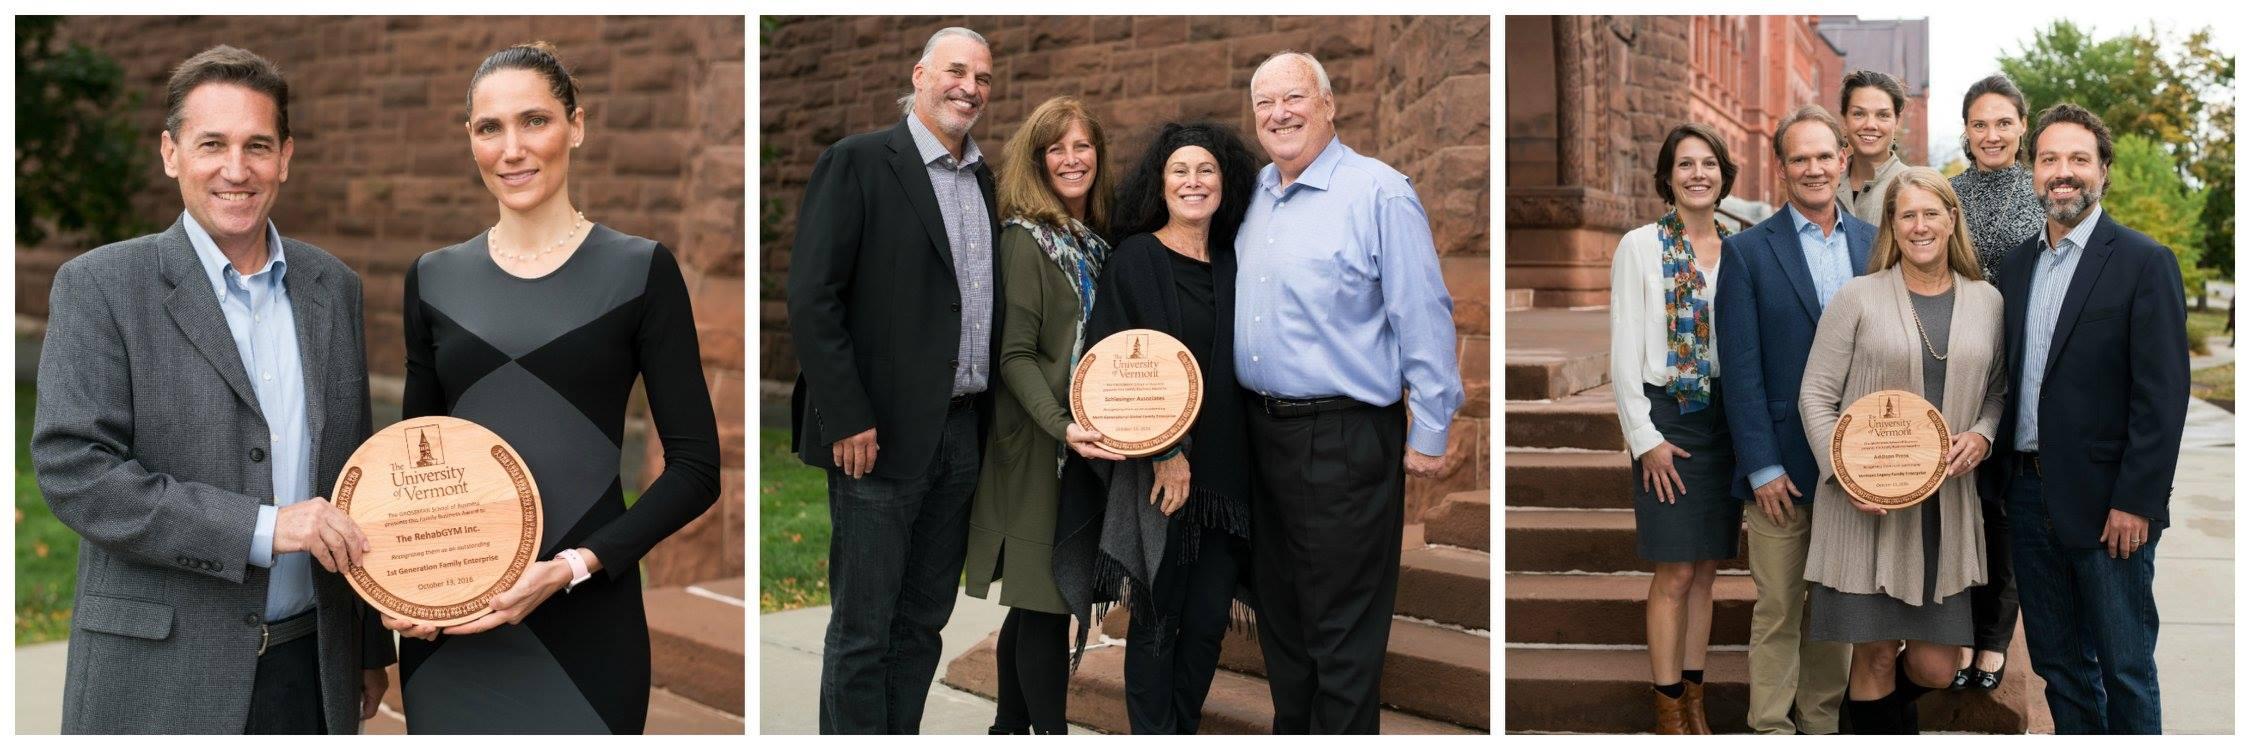 Family business awards grossman school of business the for Schlesinger associates